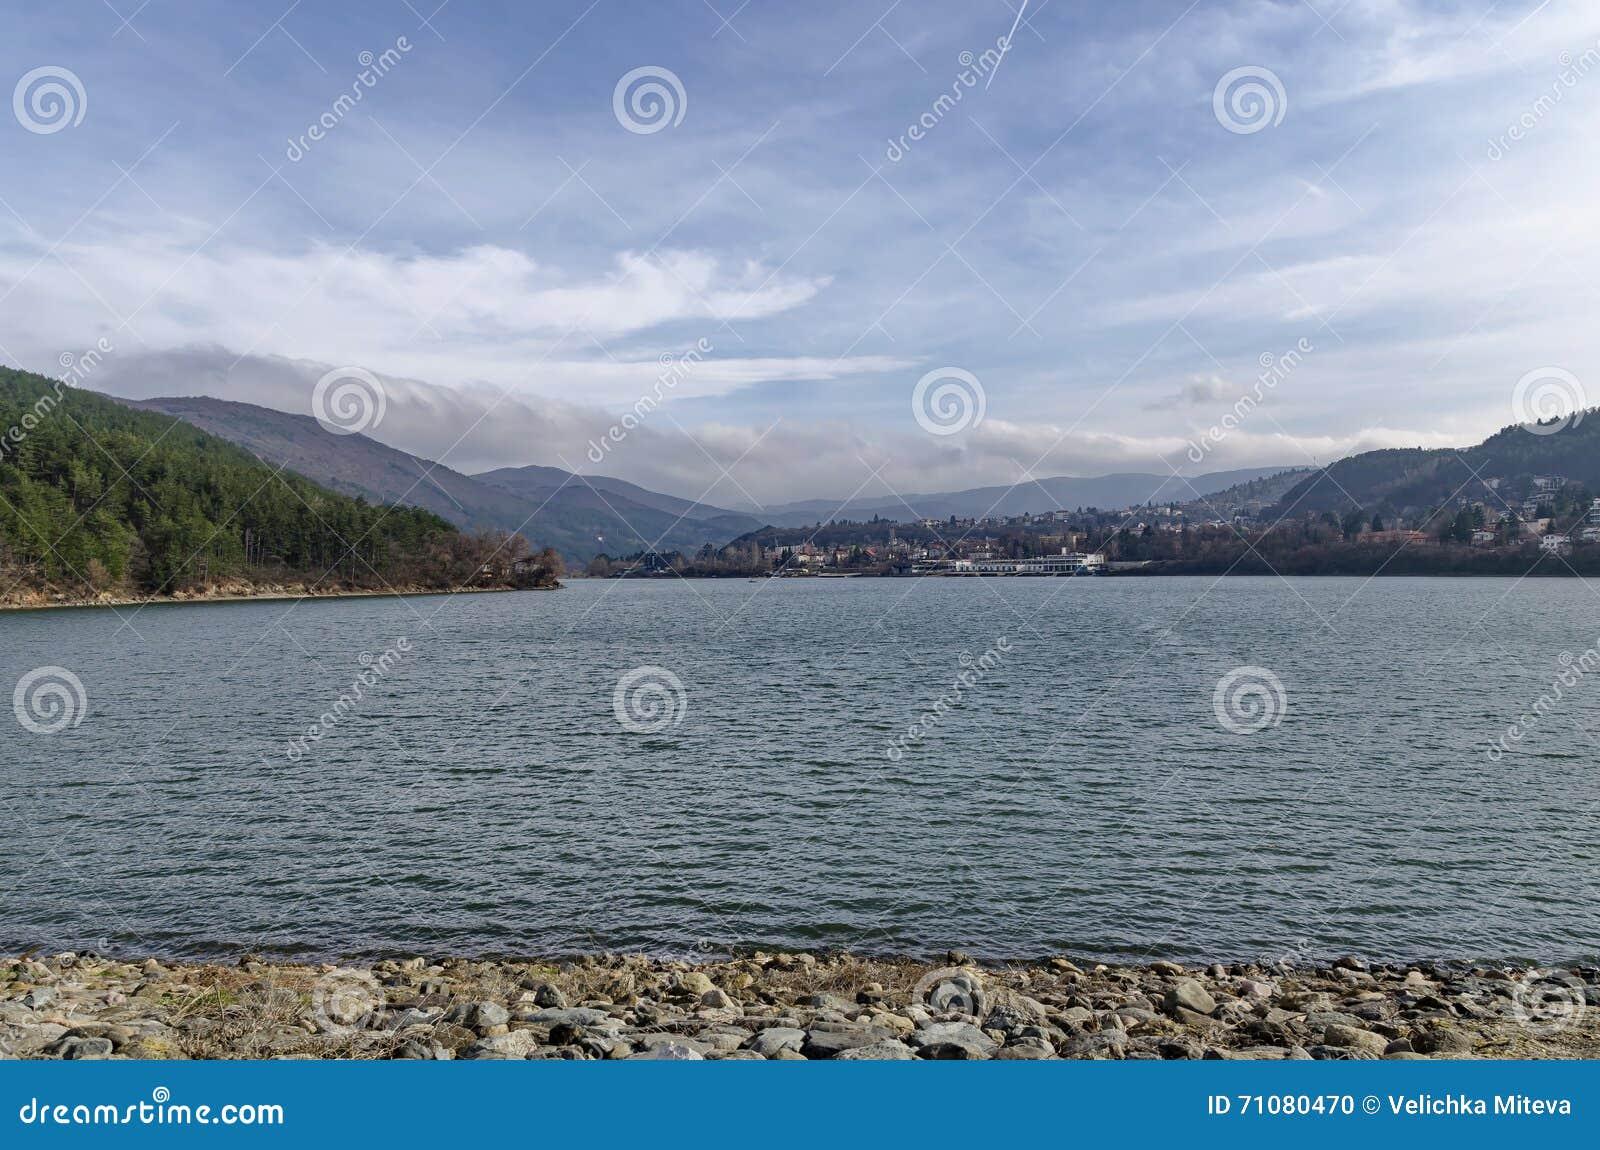 Kijk naar milieu van schilderachtige dam, verzamel water van Iskar-rivier